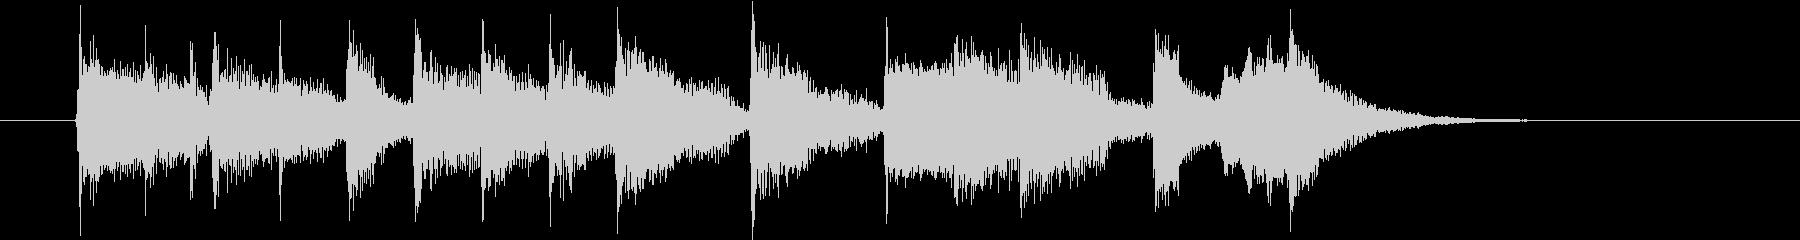 のどかな音色のジングル、サウンドロゴの未再生の波形